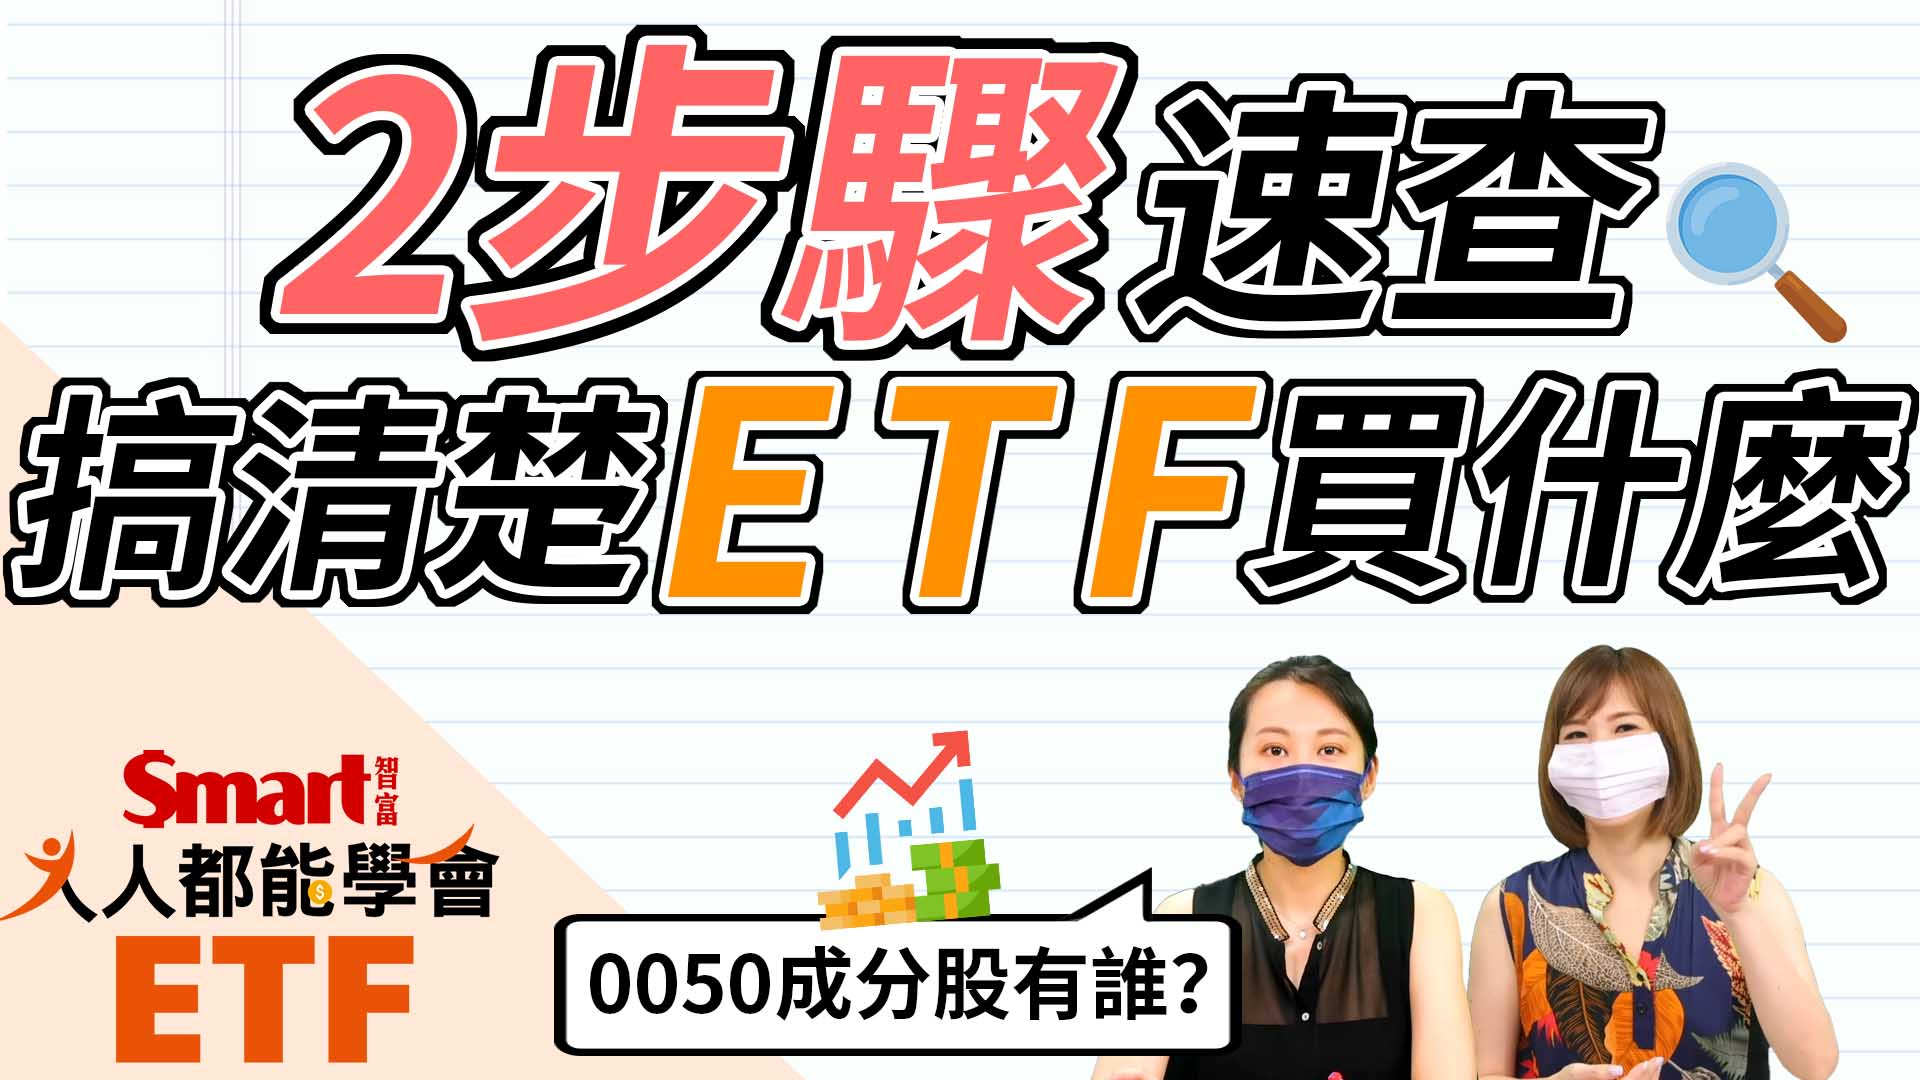 影片》2步驟速查!搞清楚ETF買什麼?0050成分股有誰?-Smart智富ETF研究室